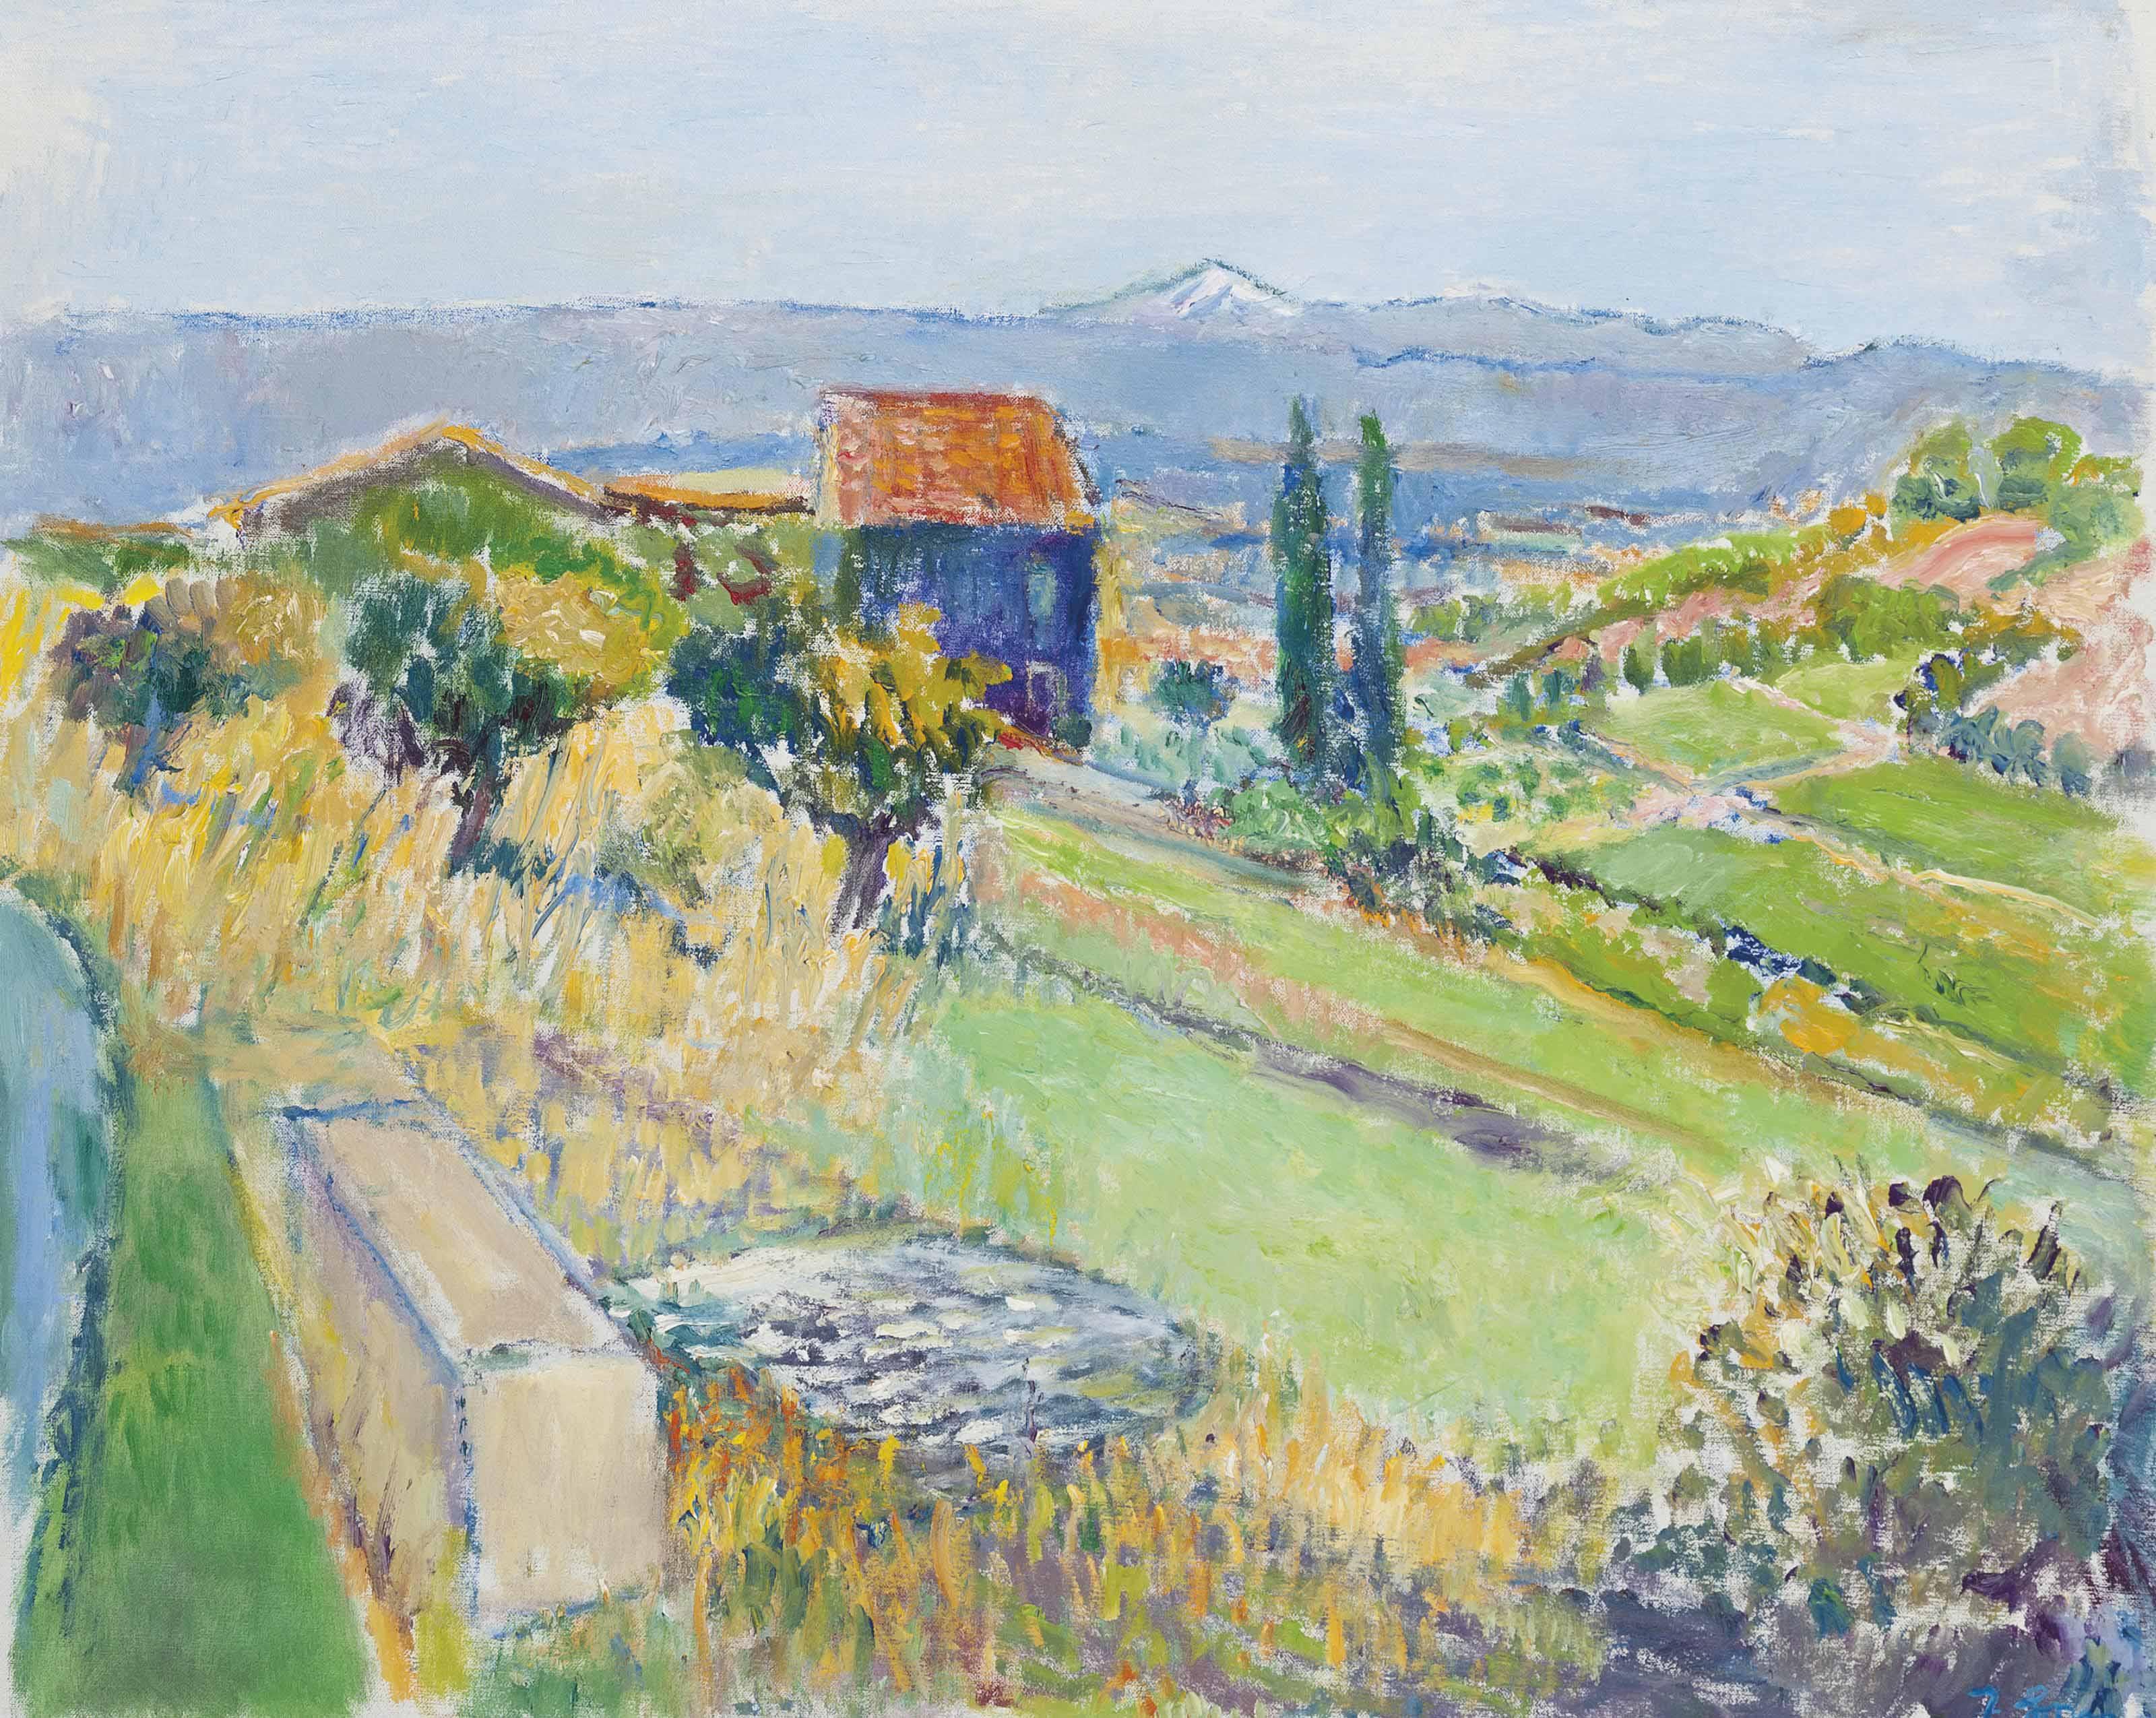 Vaucluse Landscape, looking towards Mont Ventoux